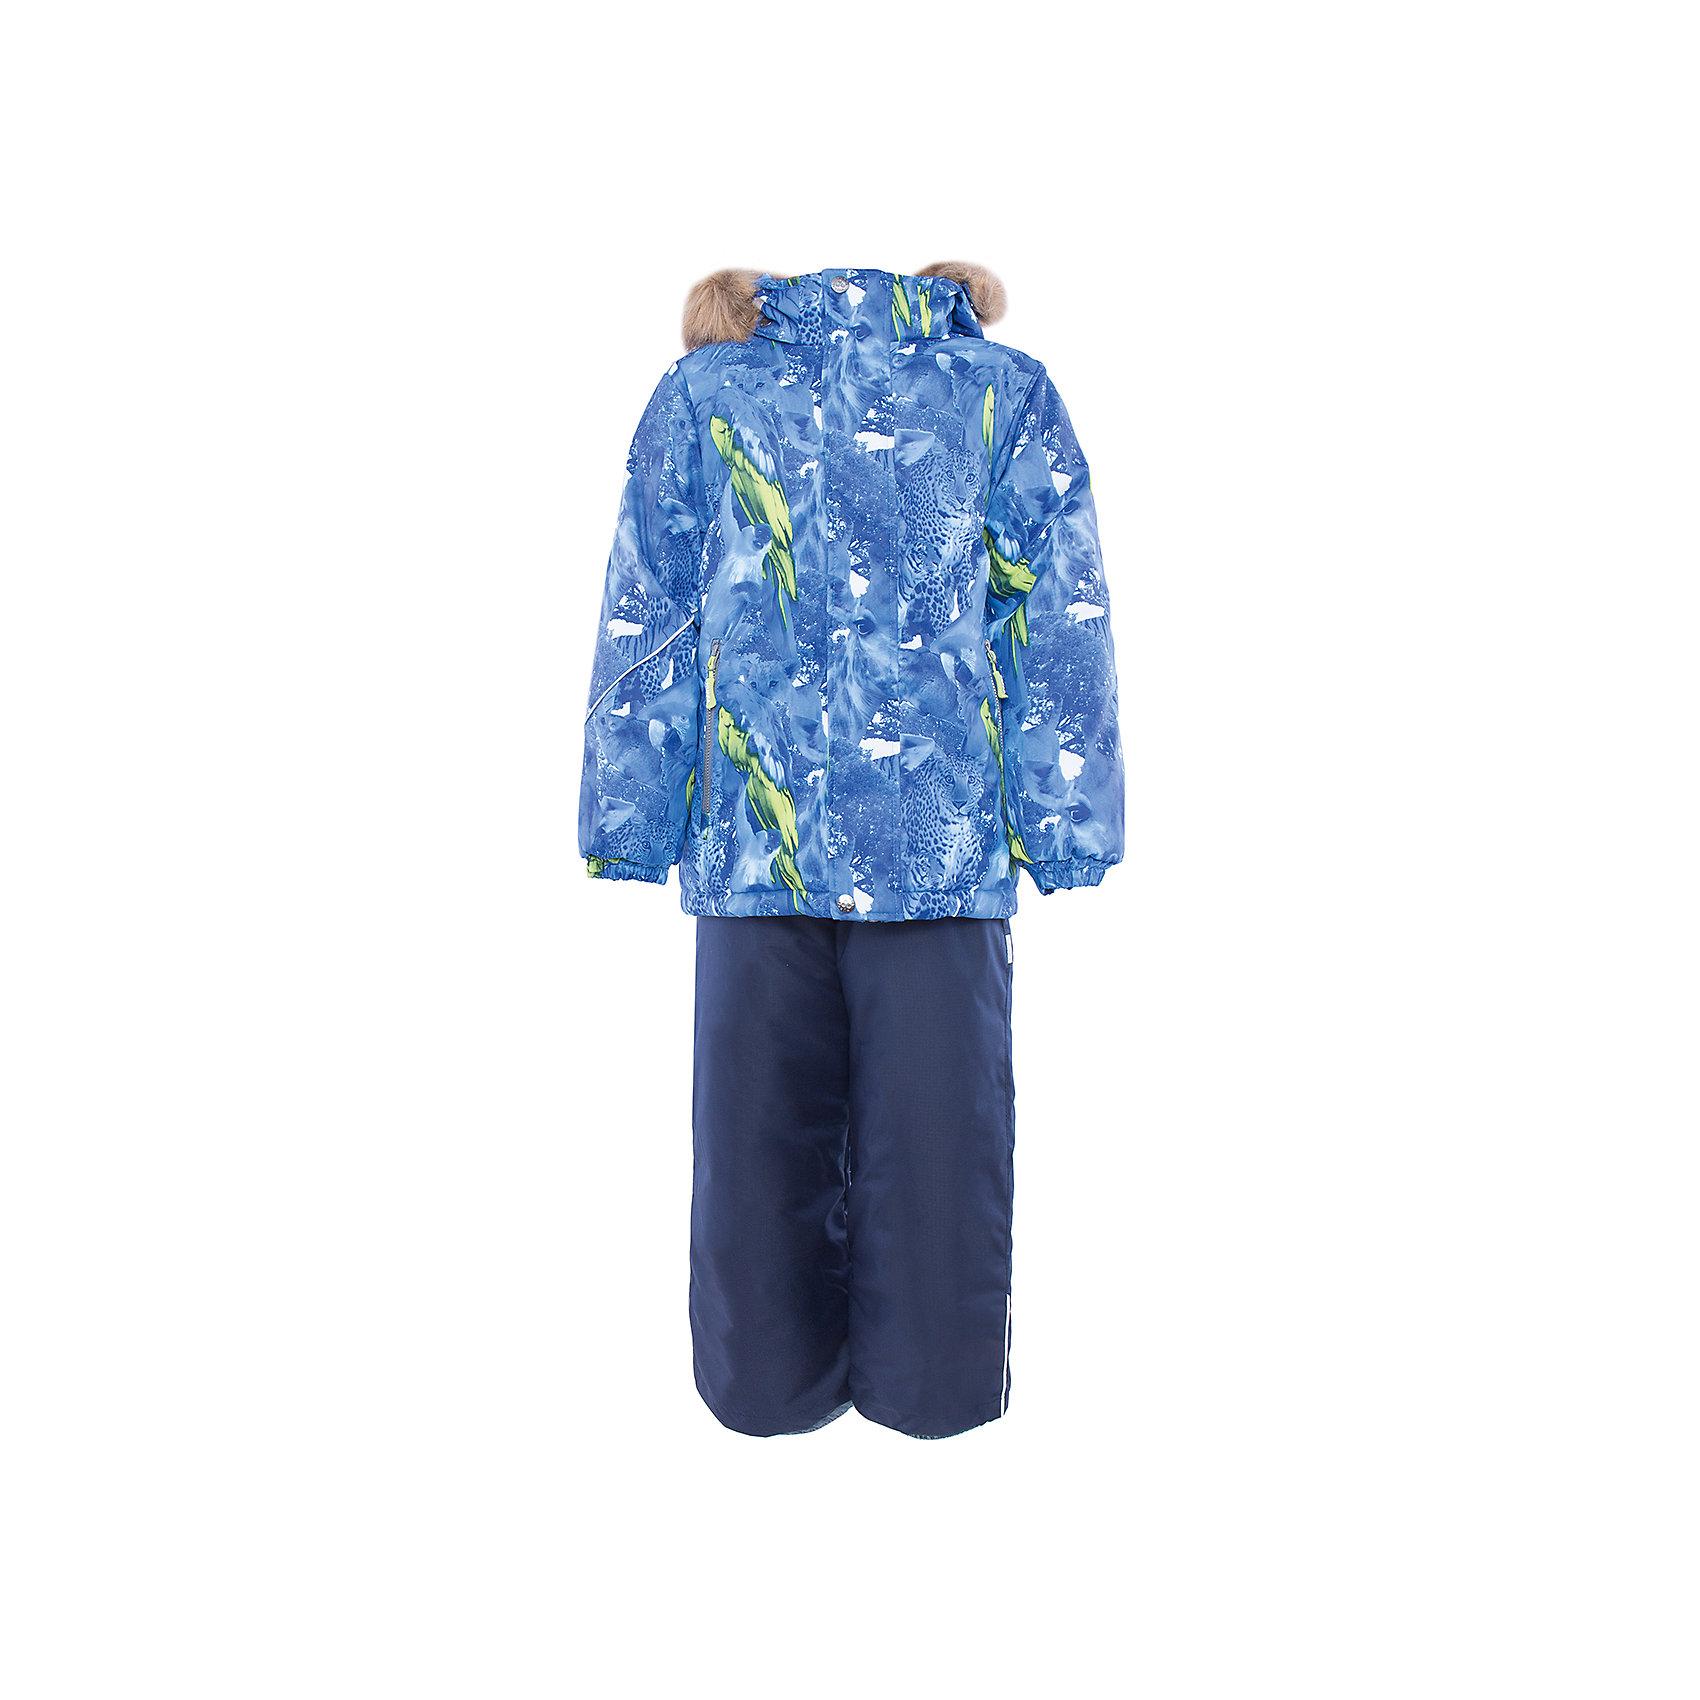 Комплект HuppaКомплекты<br>Комплект из куртки и полукомбинезона DANTE Huppa(Хуппа).<br><br>Утеплитель: 100% полиэстер. Куртка – 300 гр., полукомбинезон – 160 гр.<br><br>Температурный режим: до -30 градусов. Степень утепления – высокая. <br><br>* Температурный режим указан приблизительно — необходимо, прежде всего, ориентироваться на ощущения ребенка. Температурный режим работает в случае соблюдения правила многослойности – использования флисовой поддевы и термобелья.<br><br>Имеет яркую расцветку и придется по вкусу любому юному моднику. Комплект очень теплый и способен защитить вашего ребенка от мороза, ветра и перегрева даже при самых активных играх. Полукомбинезон с подтяжками и резинкой на поясе. Куртка имеет капюшон с искусственным мехом и резинки на манжетах<br><br>Особенности:<br>-дышащий и водонепроницаемый<br>-водостойкая лента на швах<br>-прочные материалы<br>-светоотражающие элементы<br>-съемный капюшон с отстегивающимся мехом<br>-плечевые швы, шаговый шов, боковые швы проклеены<br><br>Дополнительная информация:<br>Материал: 100% полиэстер<br>Подкладка: тафта, флис, pritex - 100% полиэстер<br>Цвет: синий/темно-синий<br><br>Вы можете приобрести комплект DANTE Huppa(Хуппа) в нашем интернет-магазине.<br><br>Ширина мм: 356<br>Глубина мм: 10<br>Высота мм: 245<br>Вес г: 519<br>Цвет: синий<br>Возраст от месяцев: 36<br>Возраст до месяцев: 48<br>Пол: Унисекс<br>Возраст: Детский<br>Размер: 104,146,110,116,122,128,134,140<br>SKU: 4928843